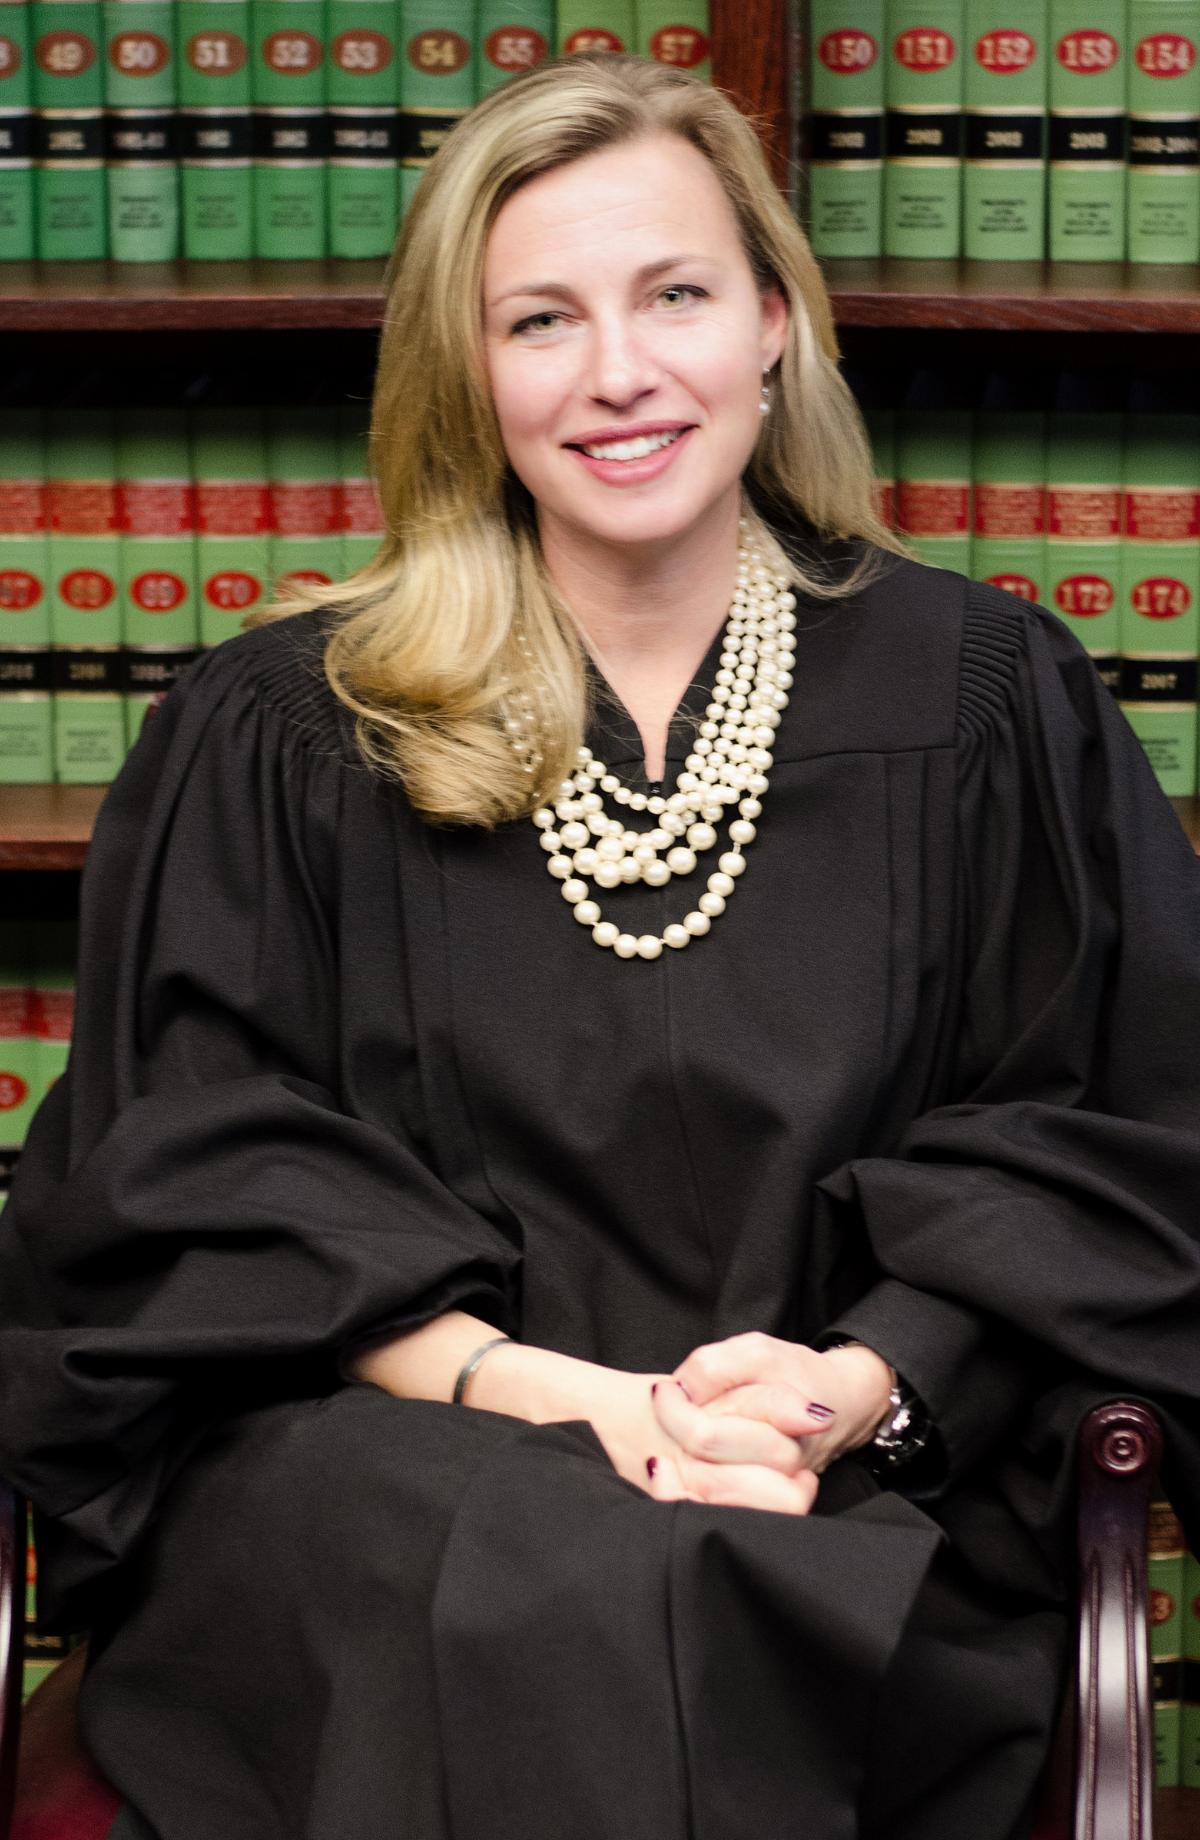 Judge Stacy Mayer Headshot